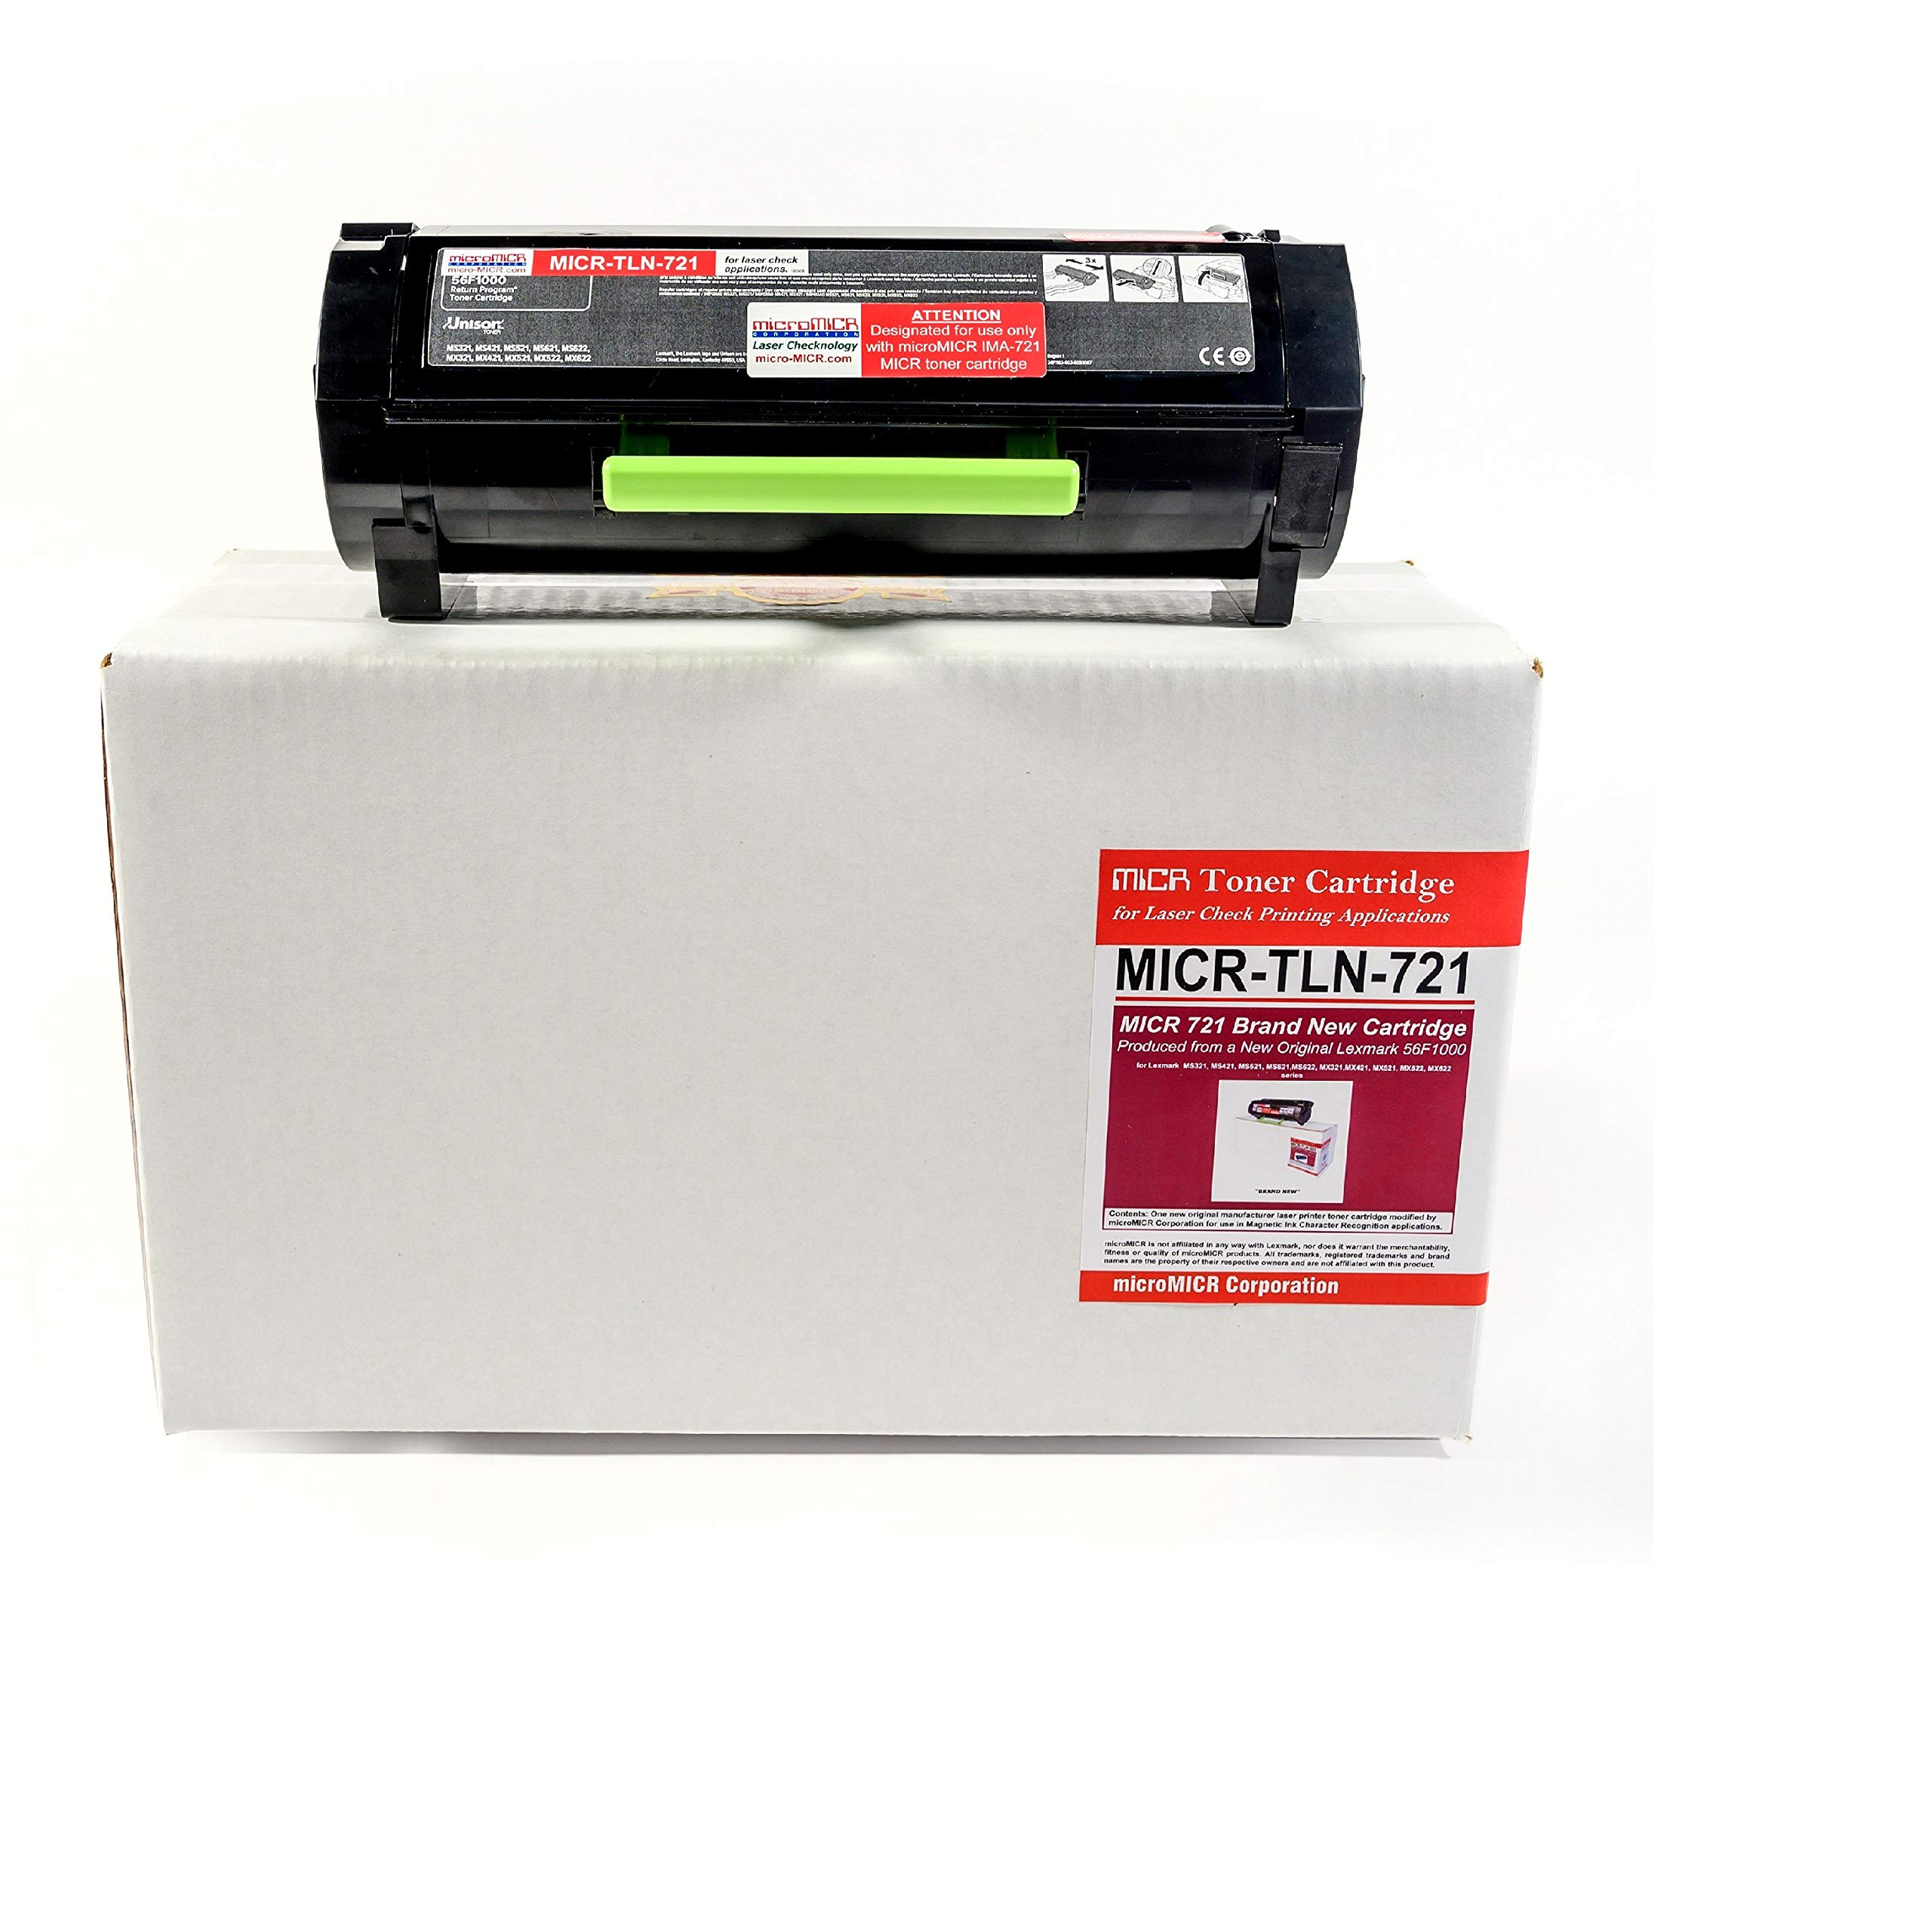 MicroMICR OEM MICR for LEXMARK 56F1000 Black Return Program Toner Cartridge - TLN-721 by MicroMICR